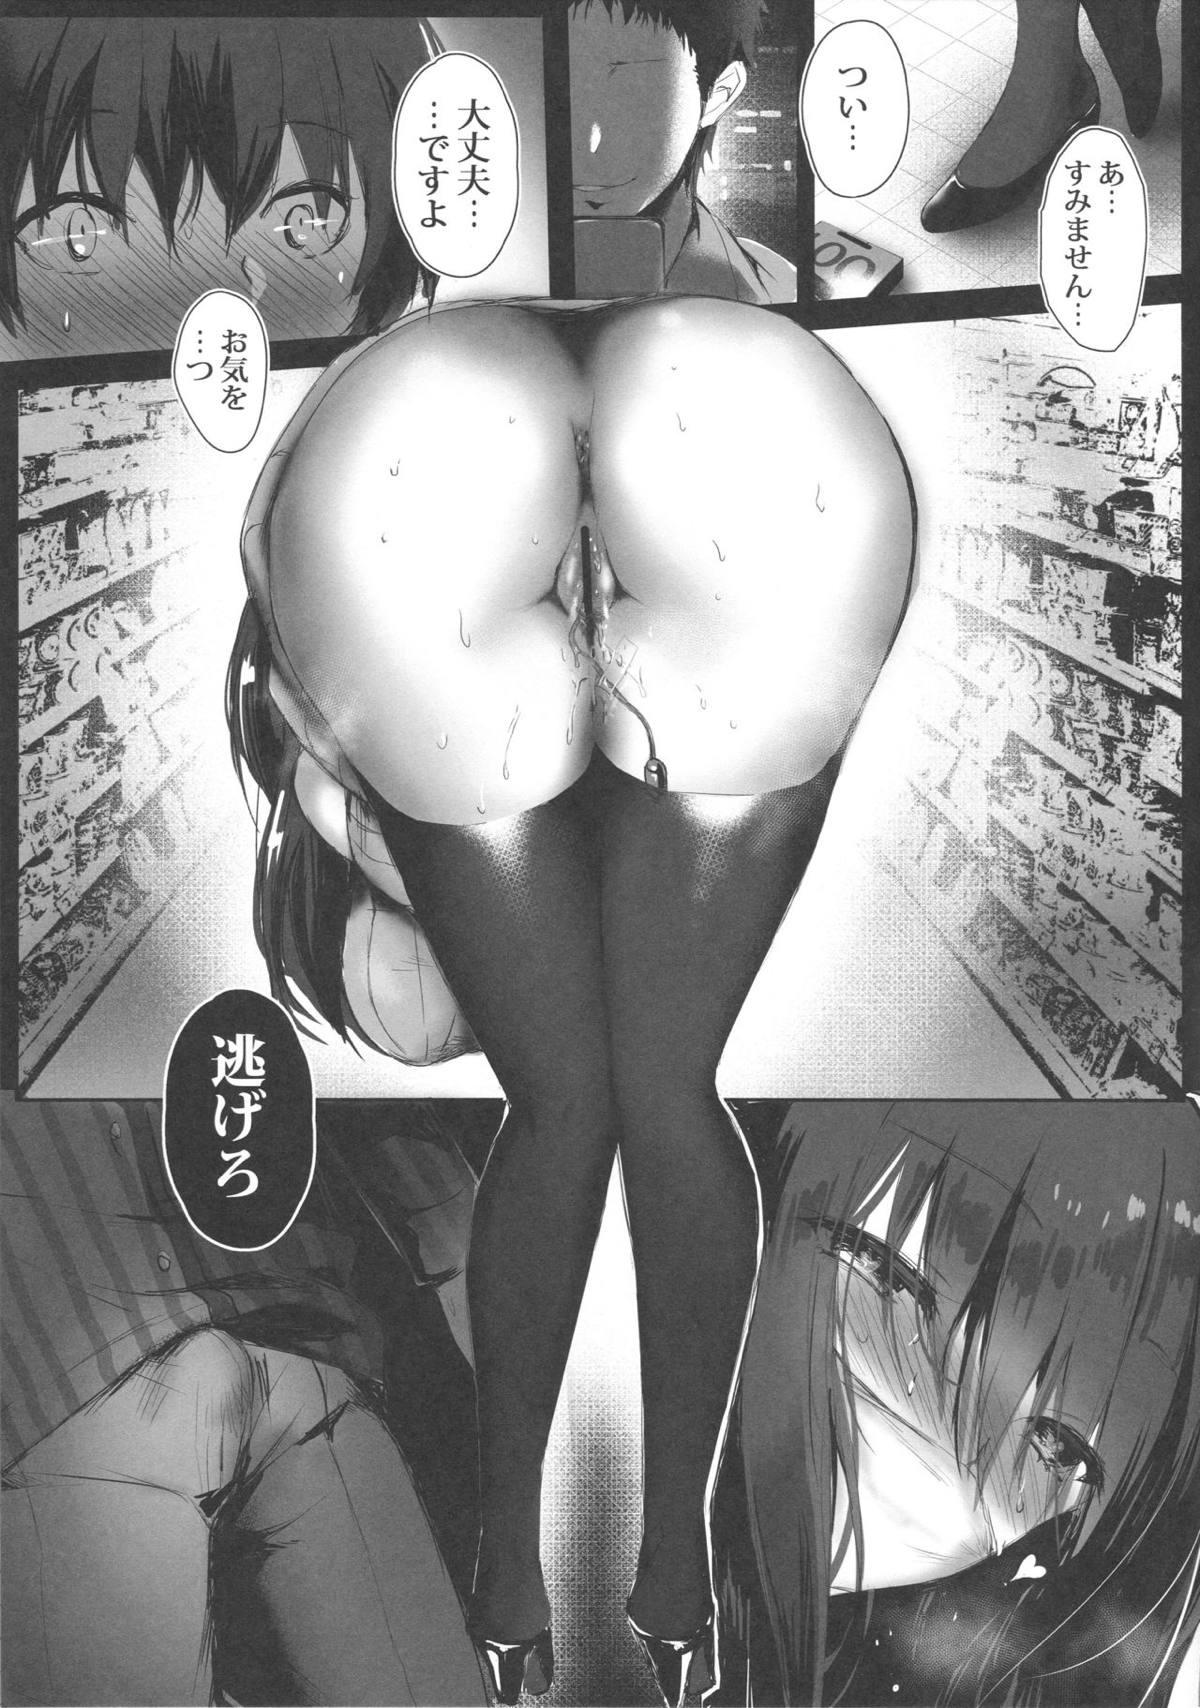 【エロ漫画】男のメス豚に堕ちた女はどんなエッチな命令にも逆らえない最高のオモチャへ堕ちてしまうwwほら、ノーパン晒しながらコンドーム買って来いよwww